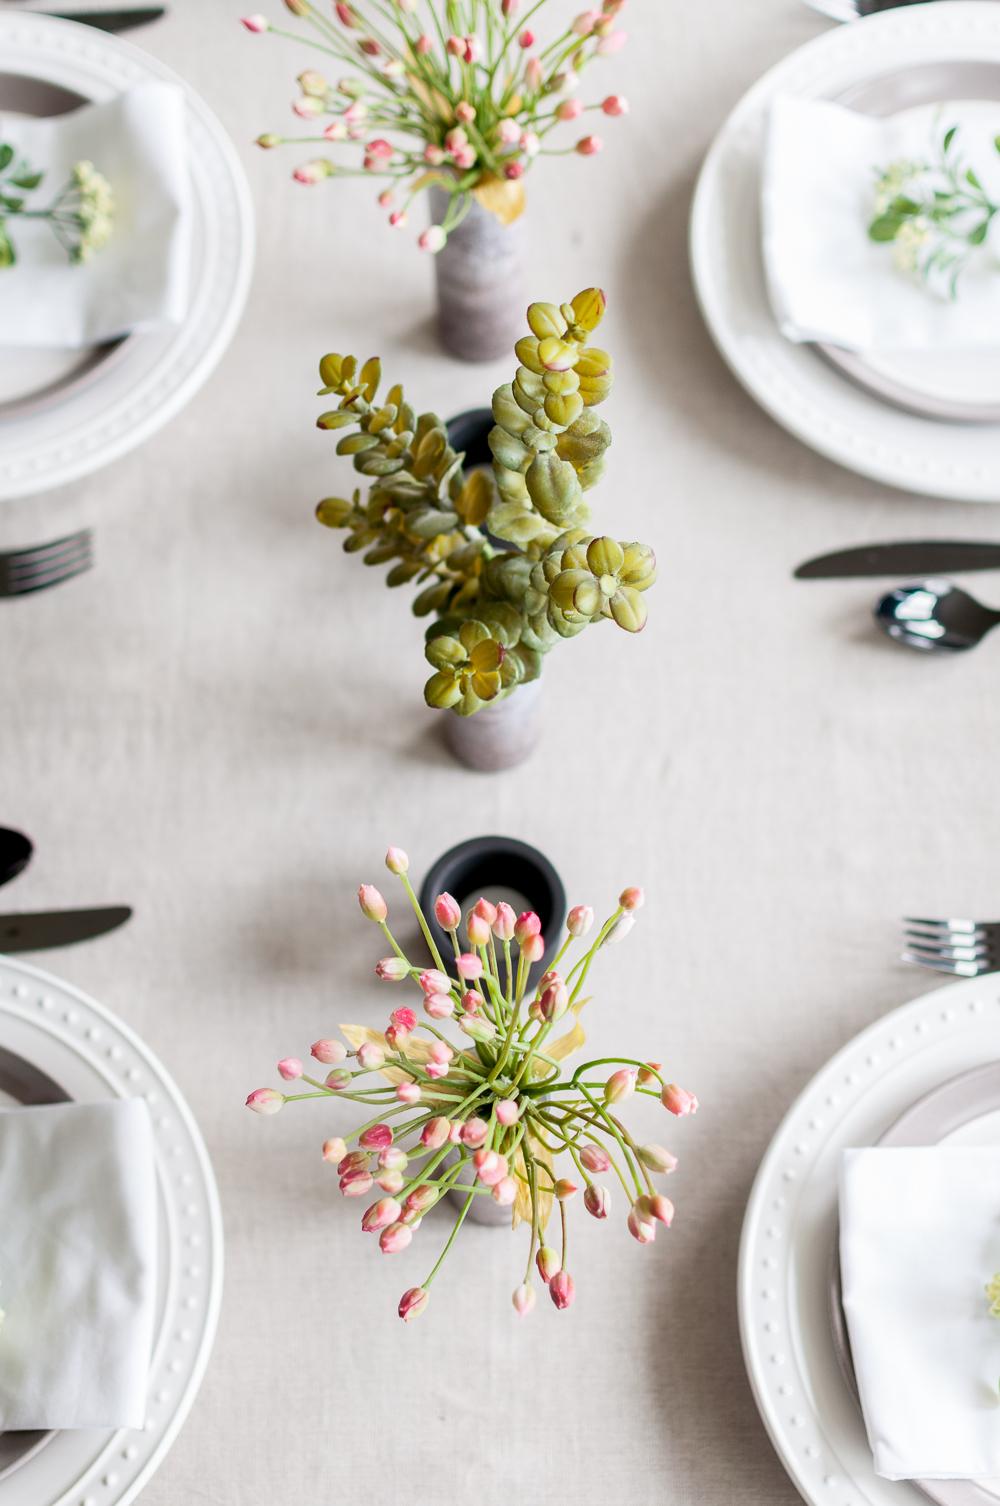 tischdeko selber machen, graue tischdecke, deko mit blumen, diy vasen, weiße teller